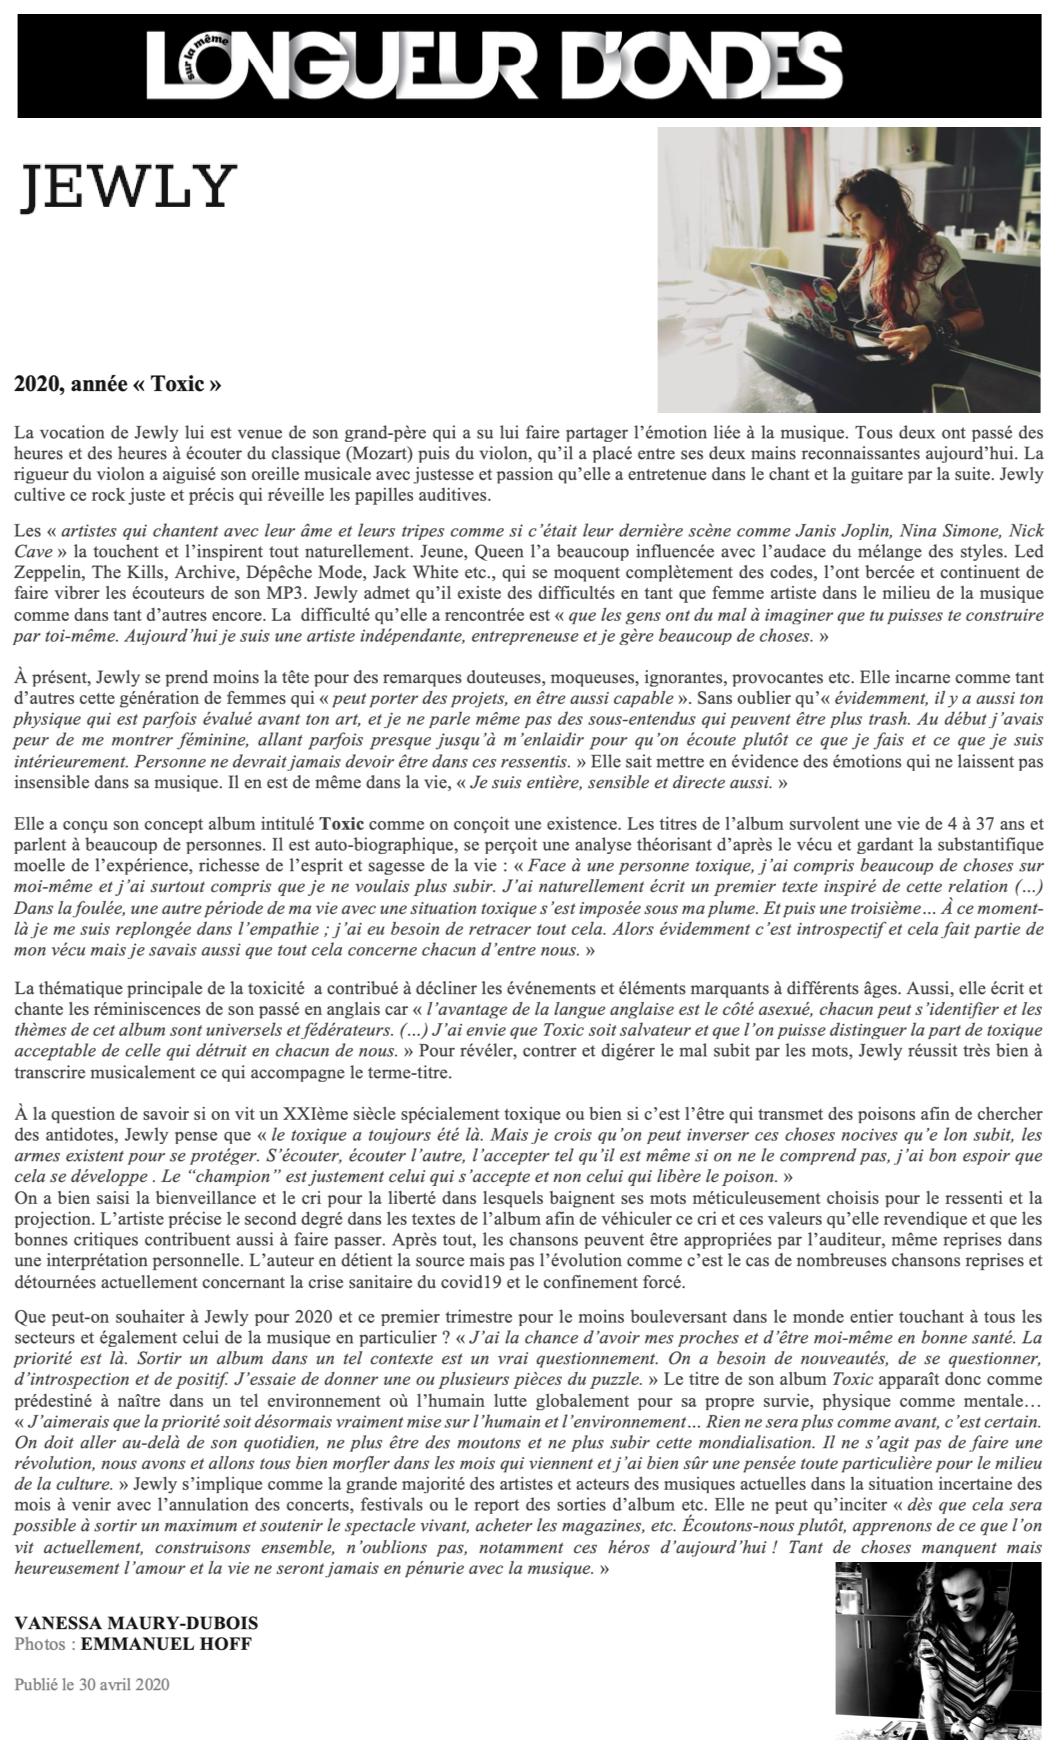 Longueur d'Ondes - 30/04/20